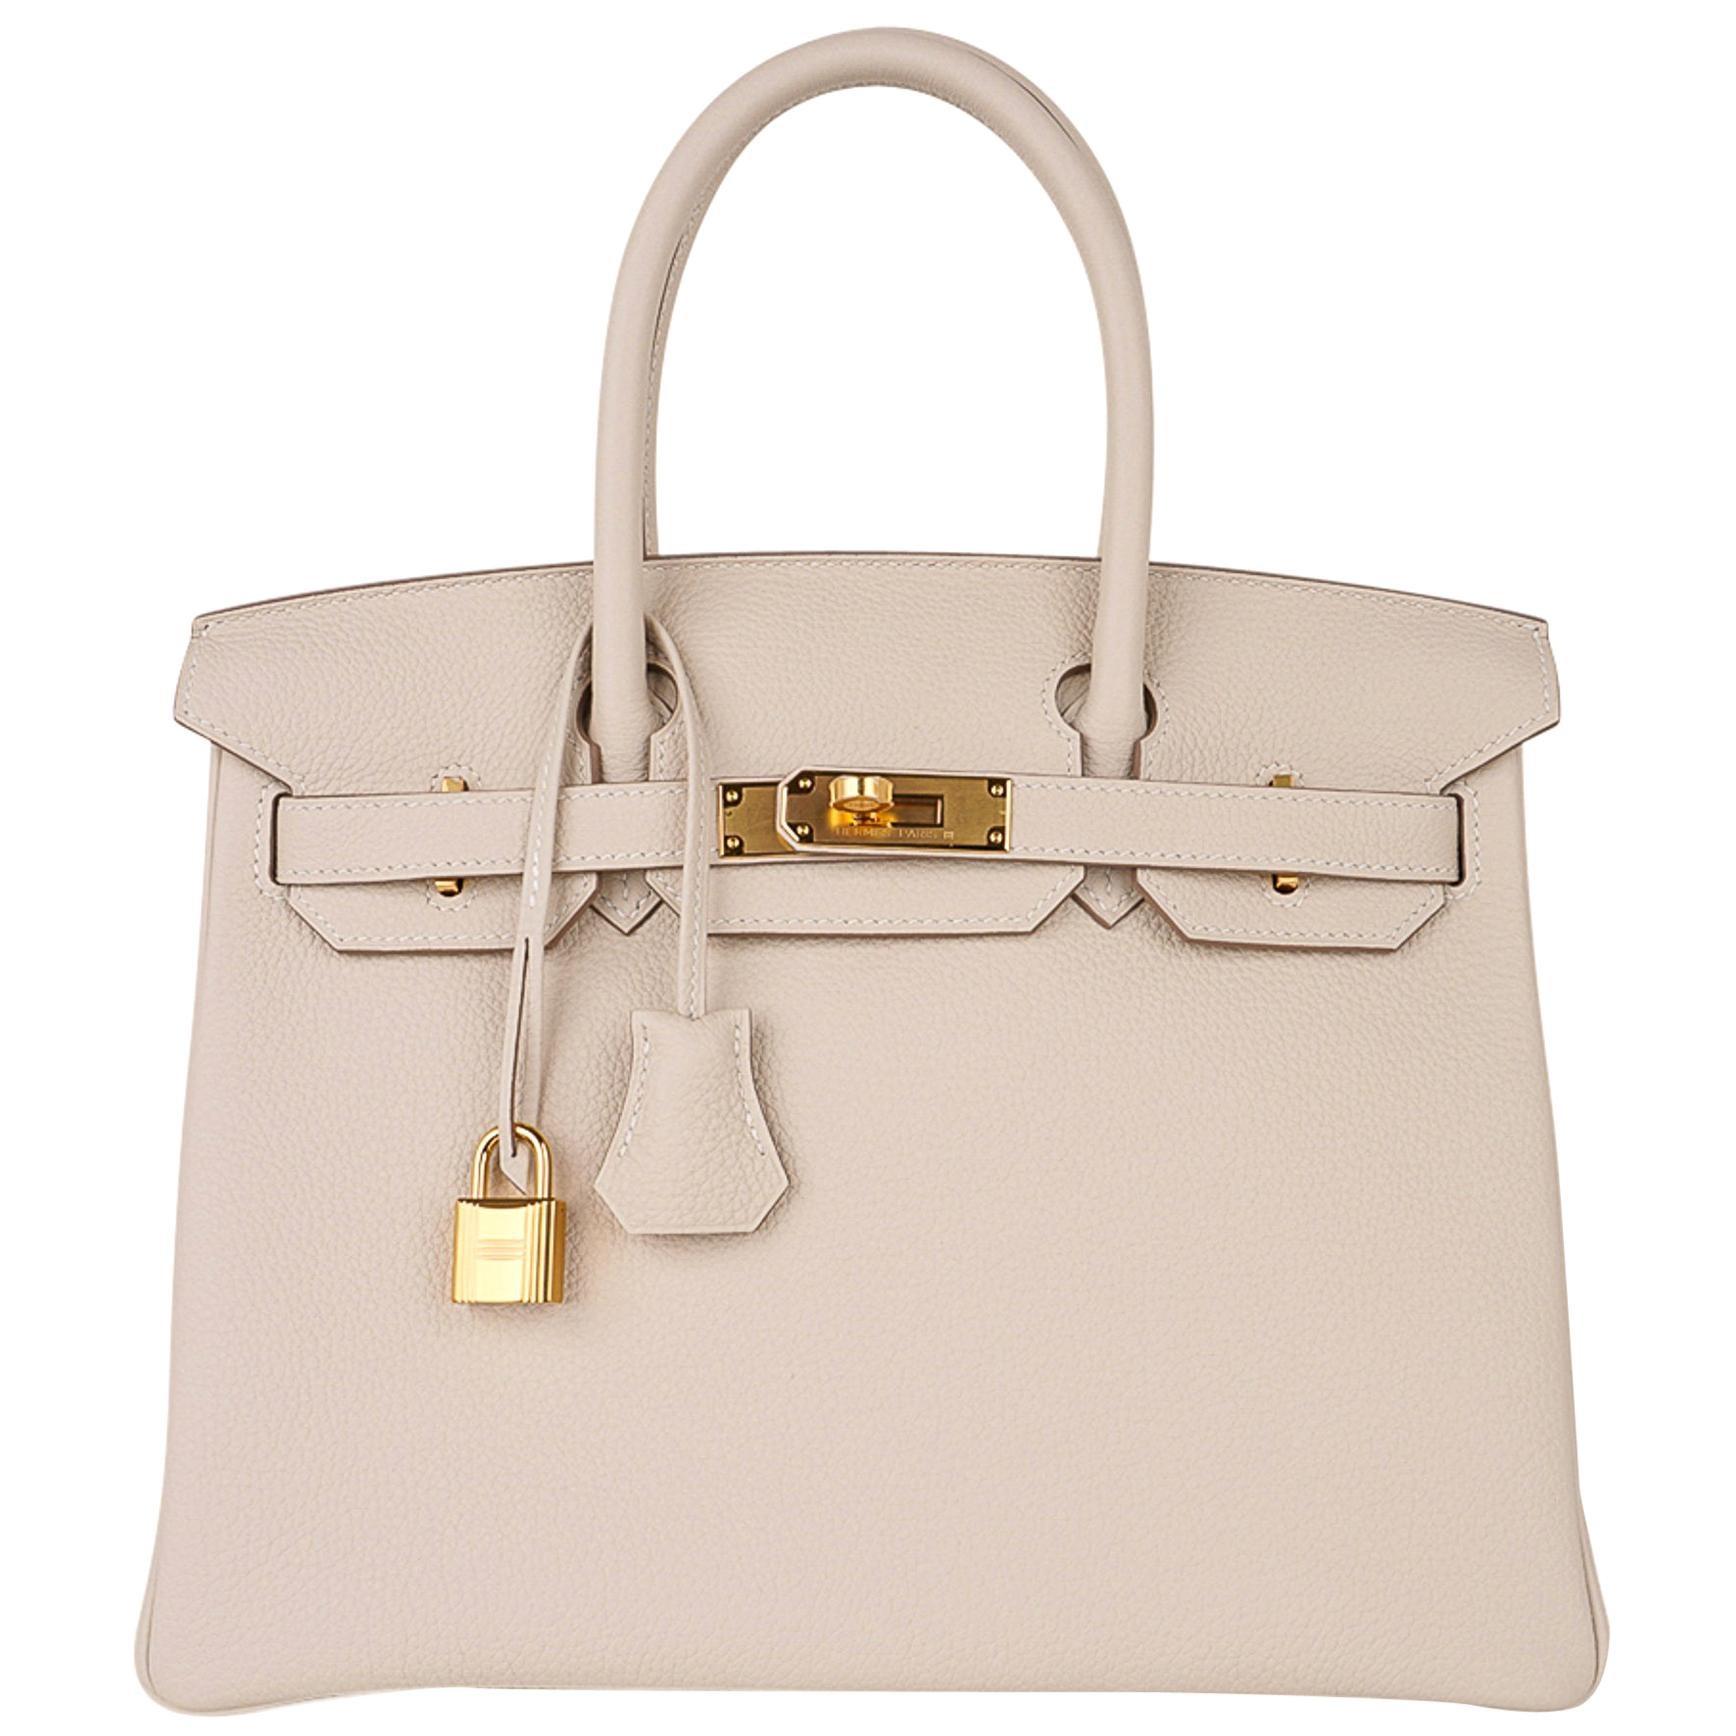 Hermes Birkin 30 Bag Craie Gold Hardware Togo Leather